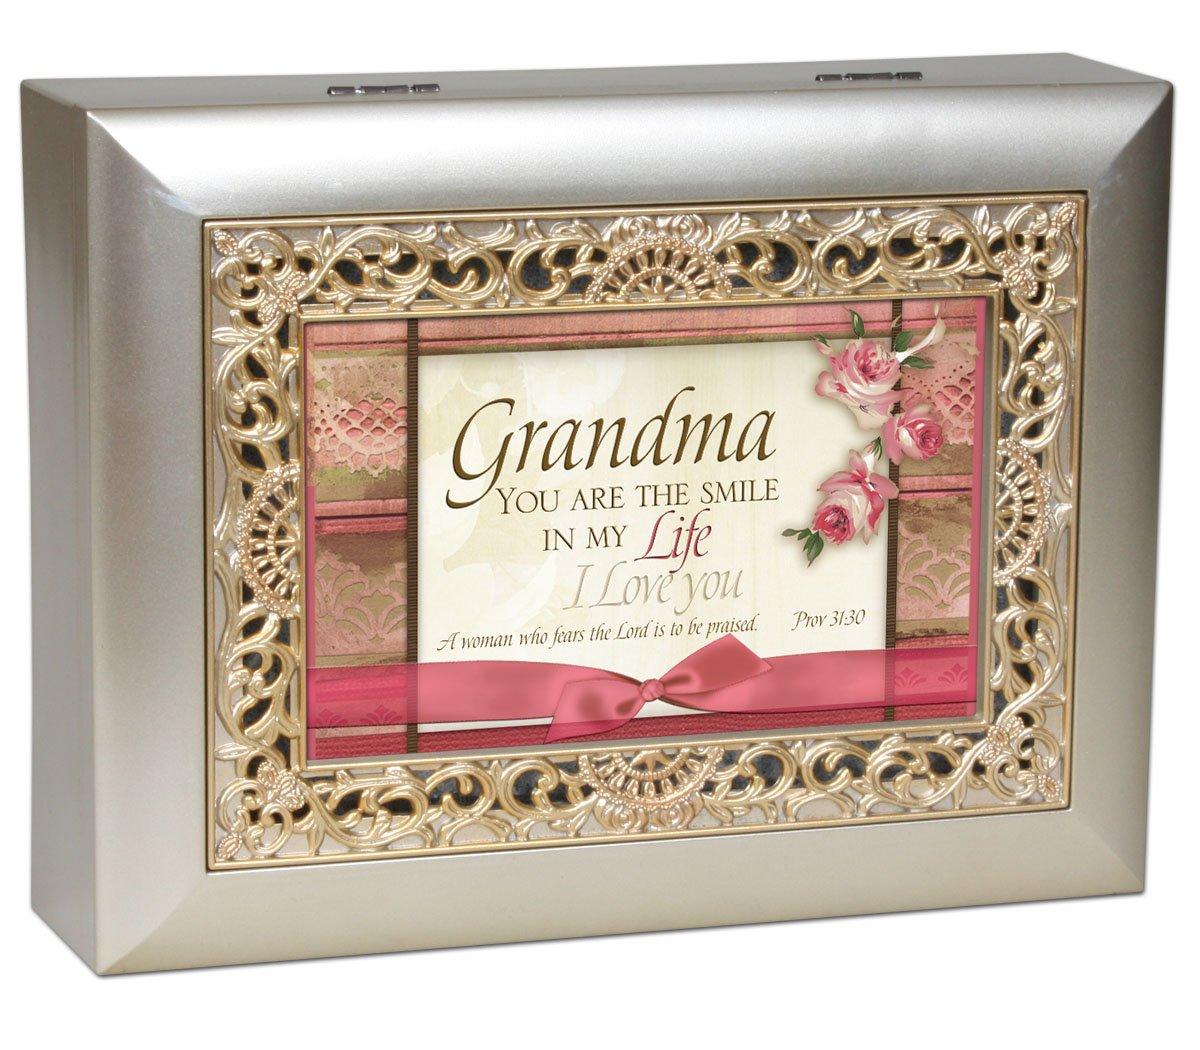 【即発送可能】 Grandma Cottage Garden Inspirational Champagne Silver Ornate Inspirational Grandma Music Cottage Box Plays Amazing Grace B007P7ZQP0, TUXEDO STATION:bc0b7e48 --- arcego.dominiotemporario.com